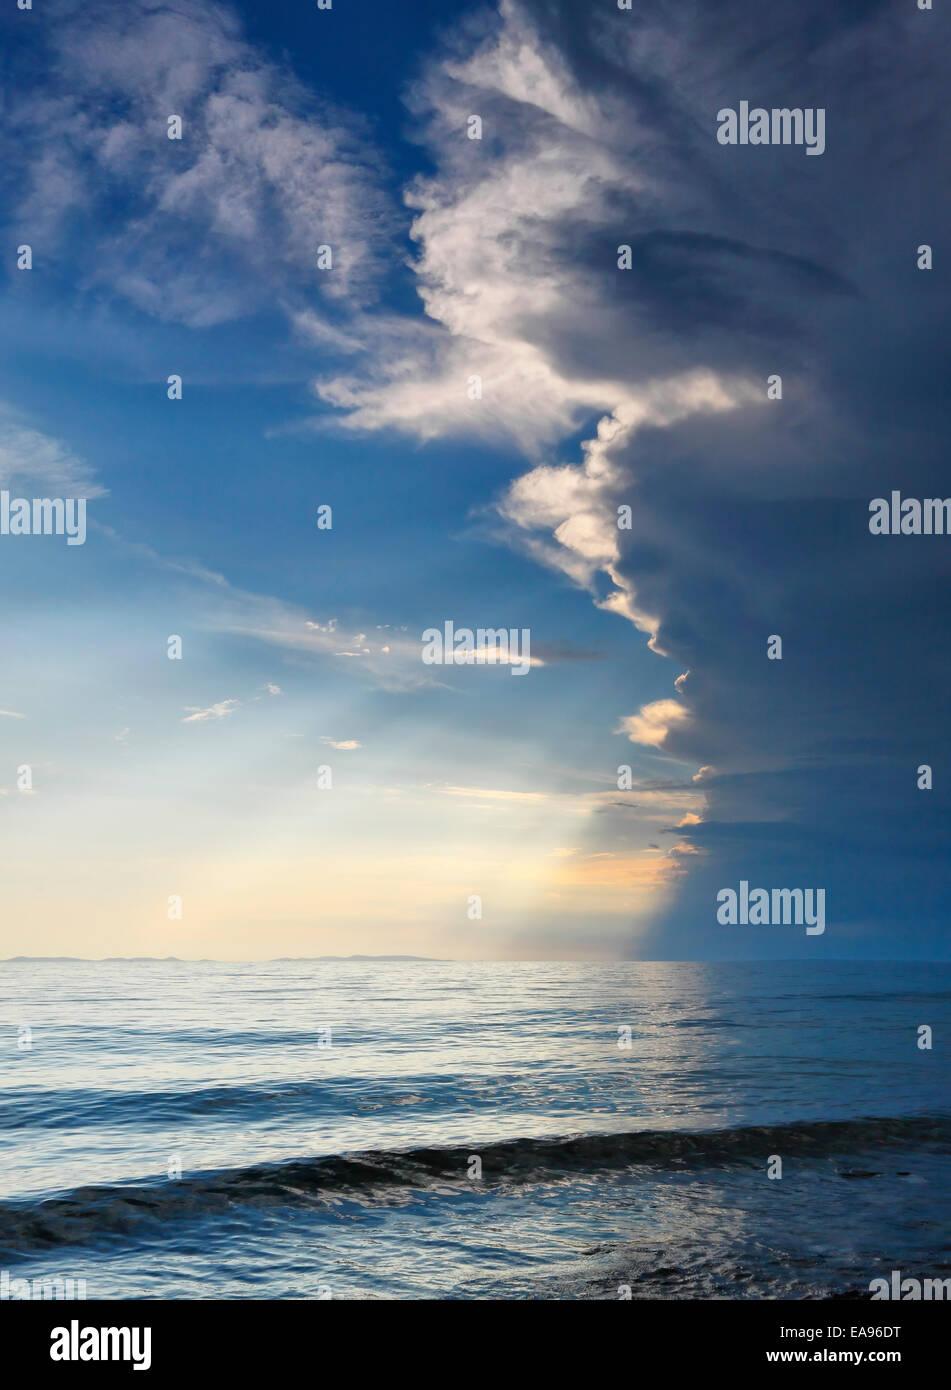 Gewitterwolken über dem Ozean Stockbild